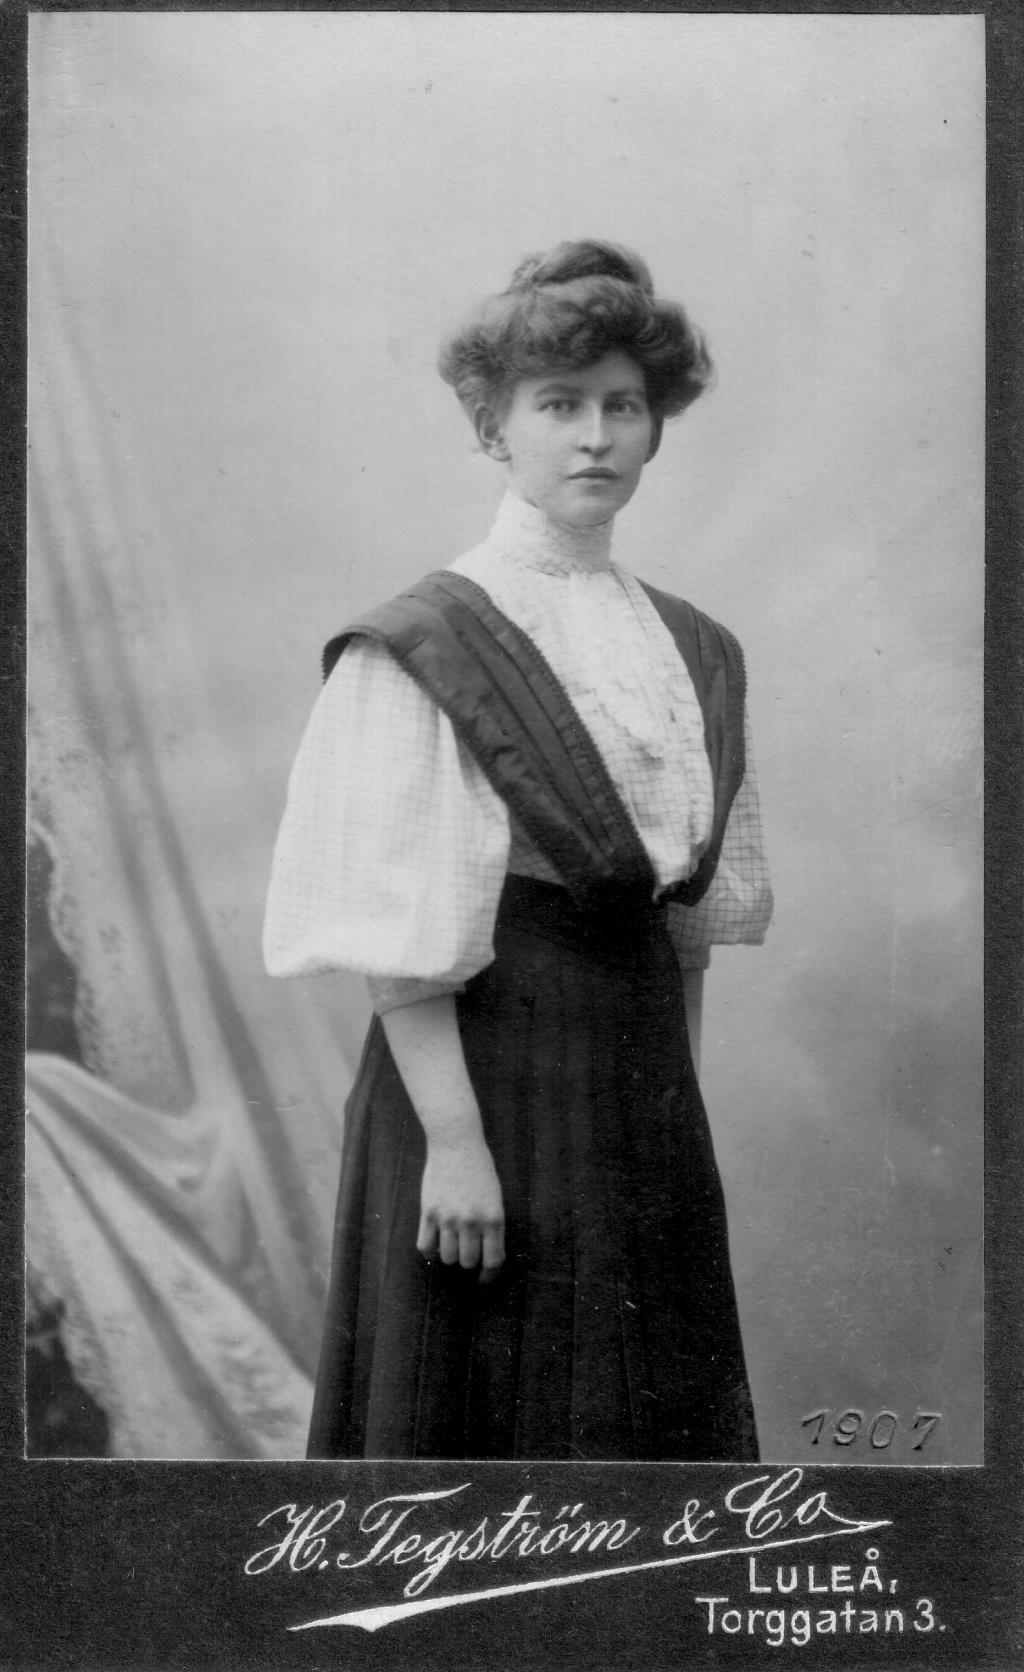 Märta Bucht, 1907